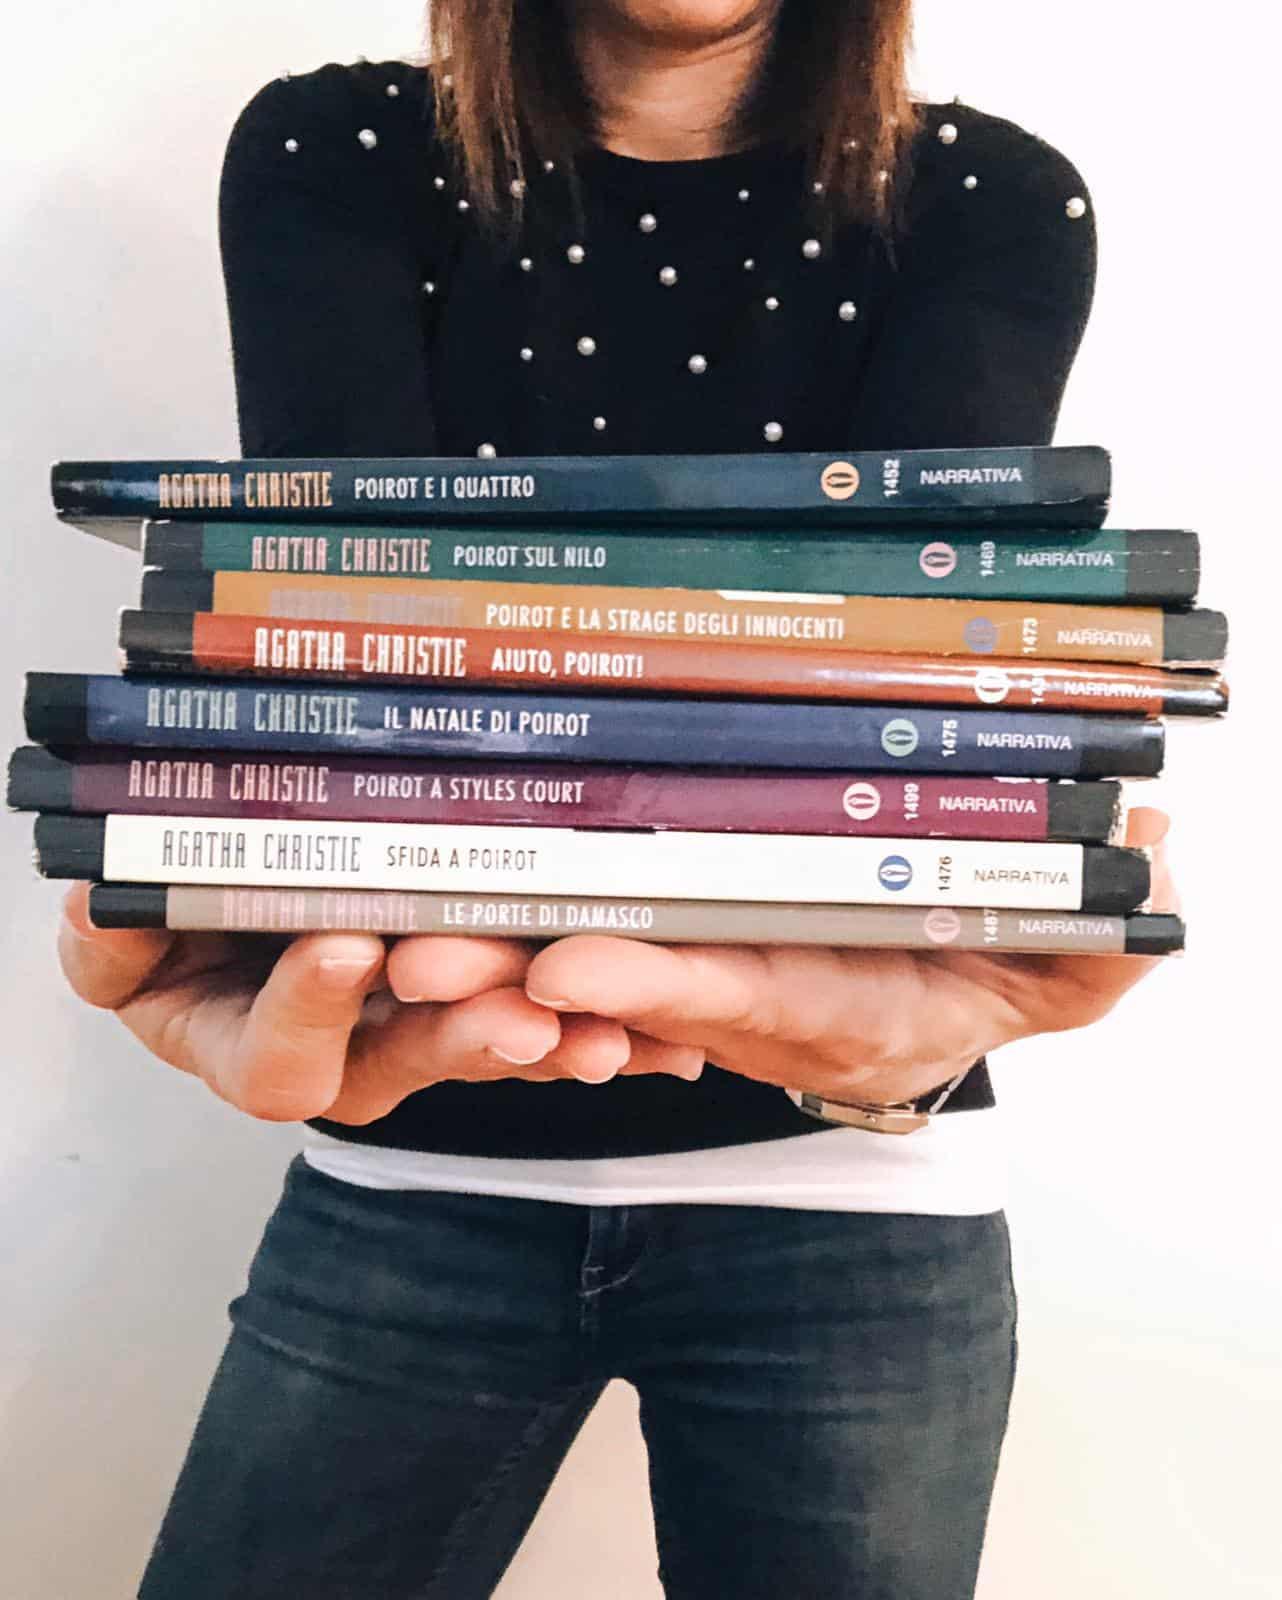 Agatha Christie: i 10 migliori libri